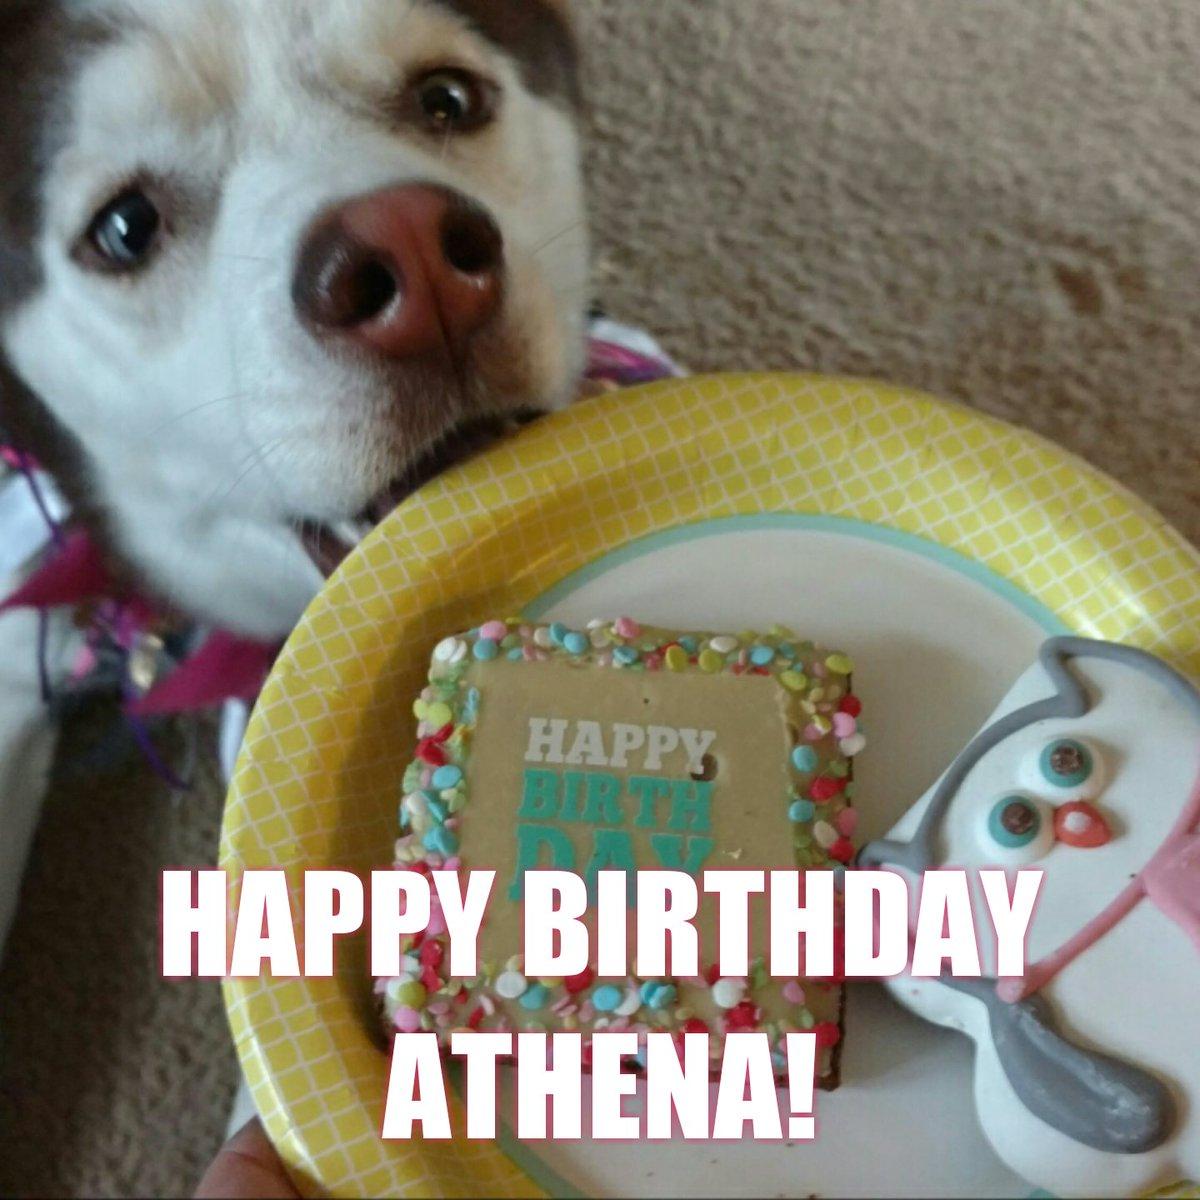 Petco On Twitter Happy Birthday Athena